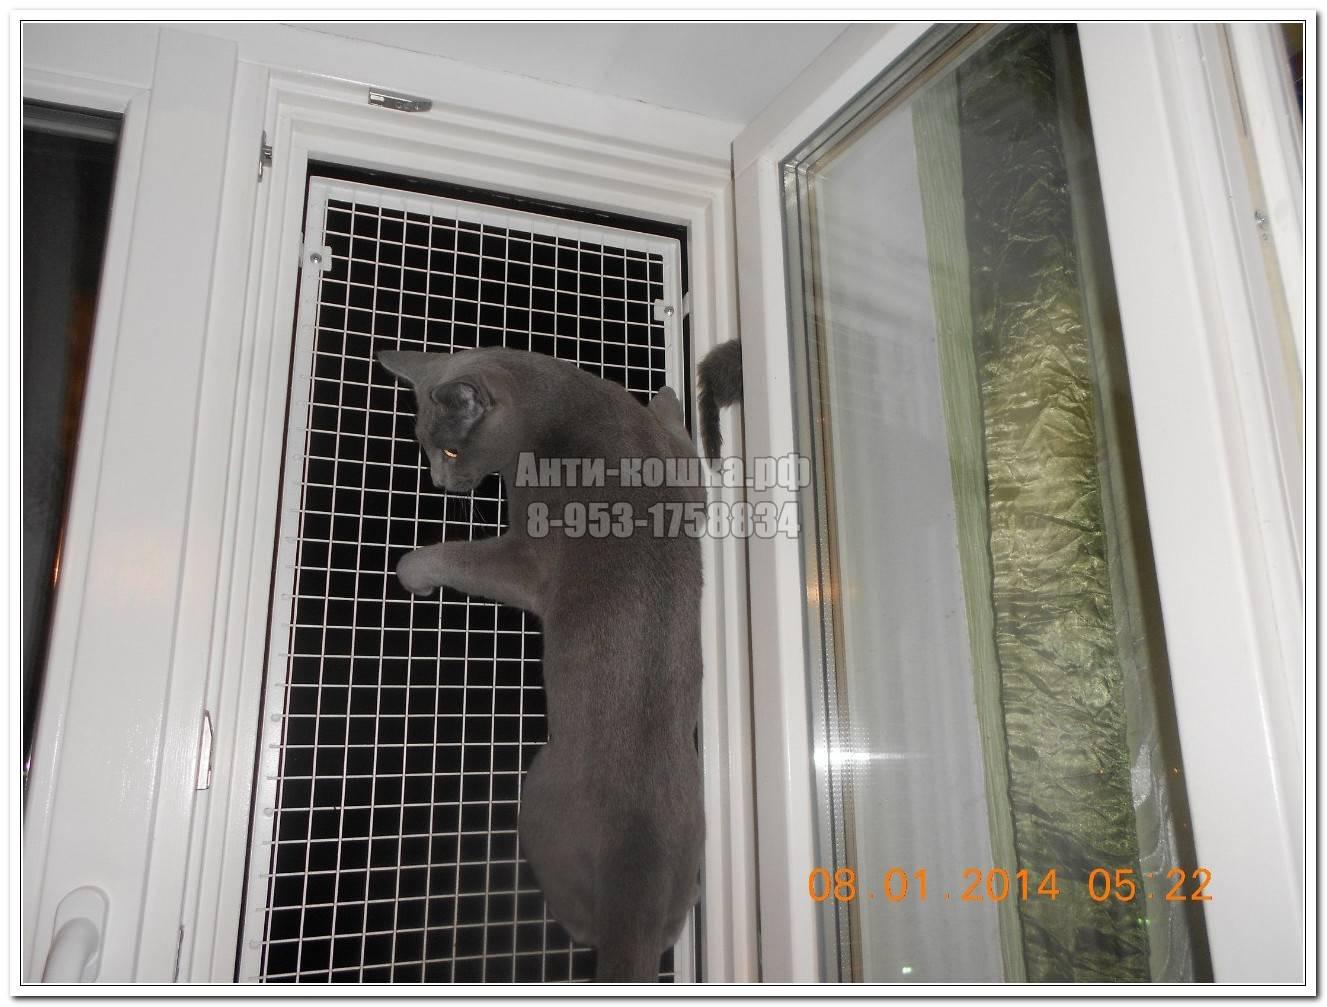 Как самому установить сетку антикошка на окно, простой способ защиты животного